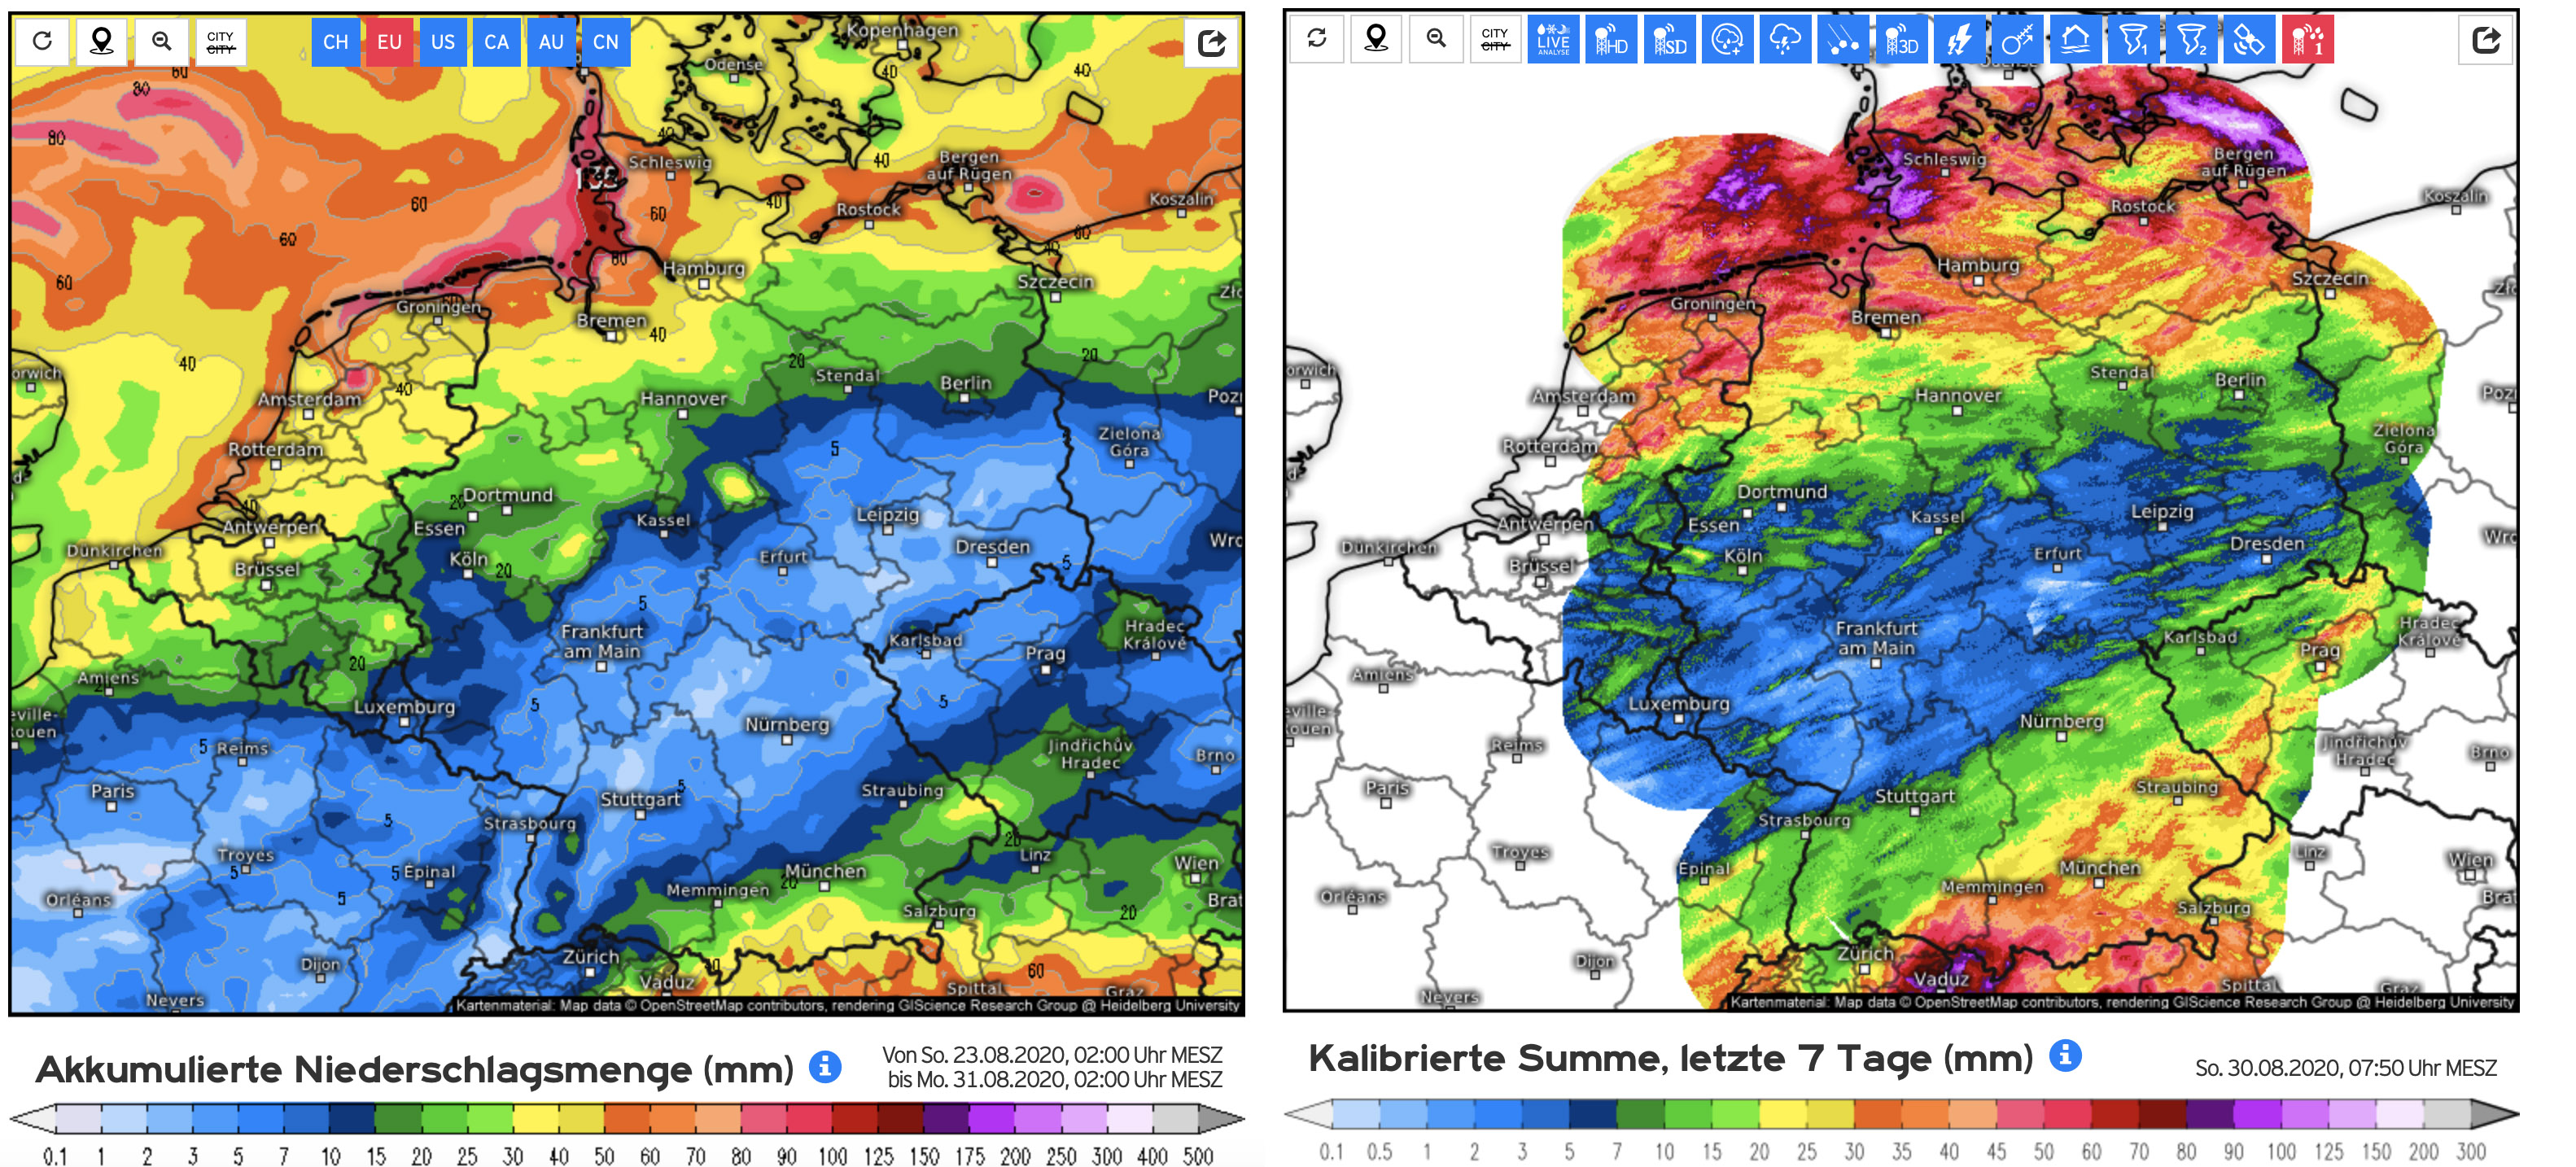 Vergelijking neerslagverwachting afgelopen week (links) met de waargenomen hoeveelheden (rechts).